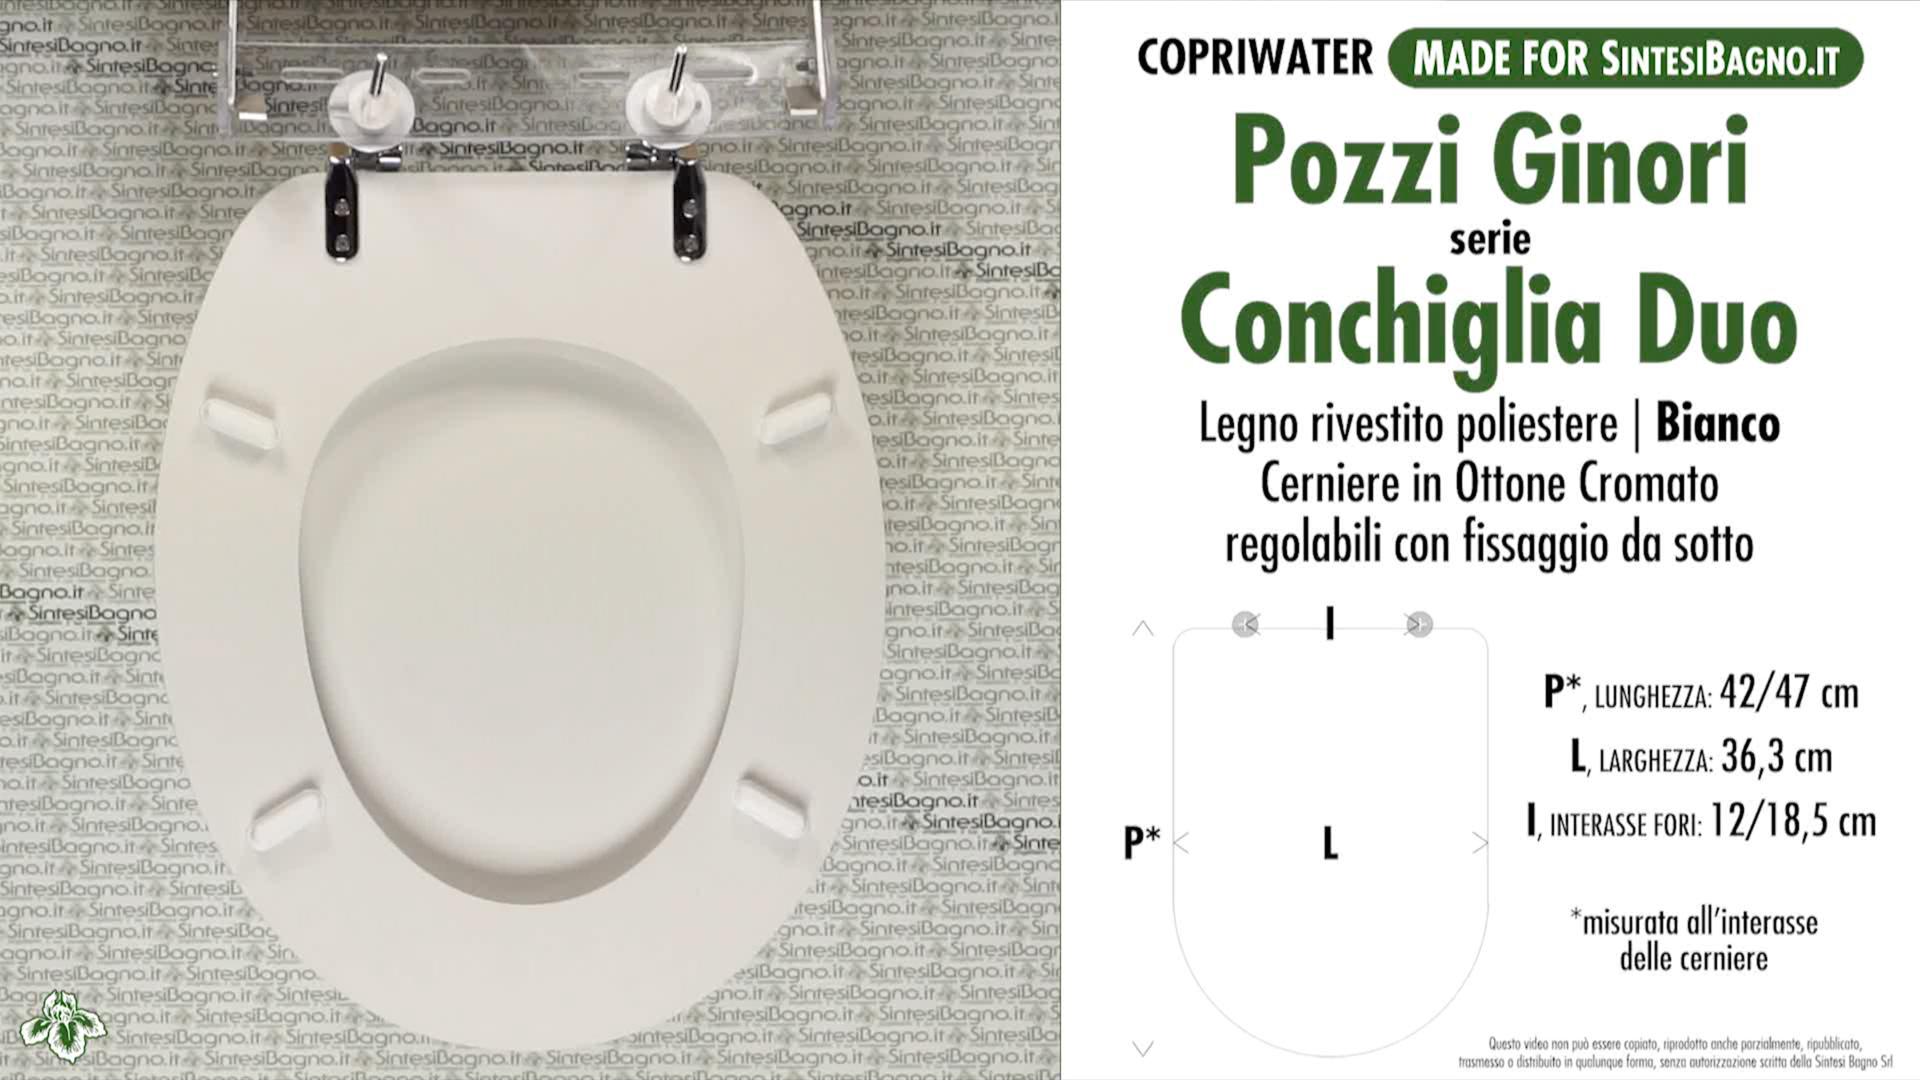 SCHEDA TECNICA MISURE copriwater POZZI GINORI CONCHGLIA DUO